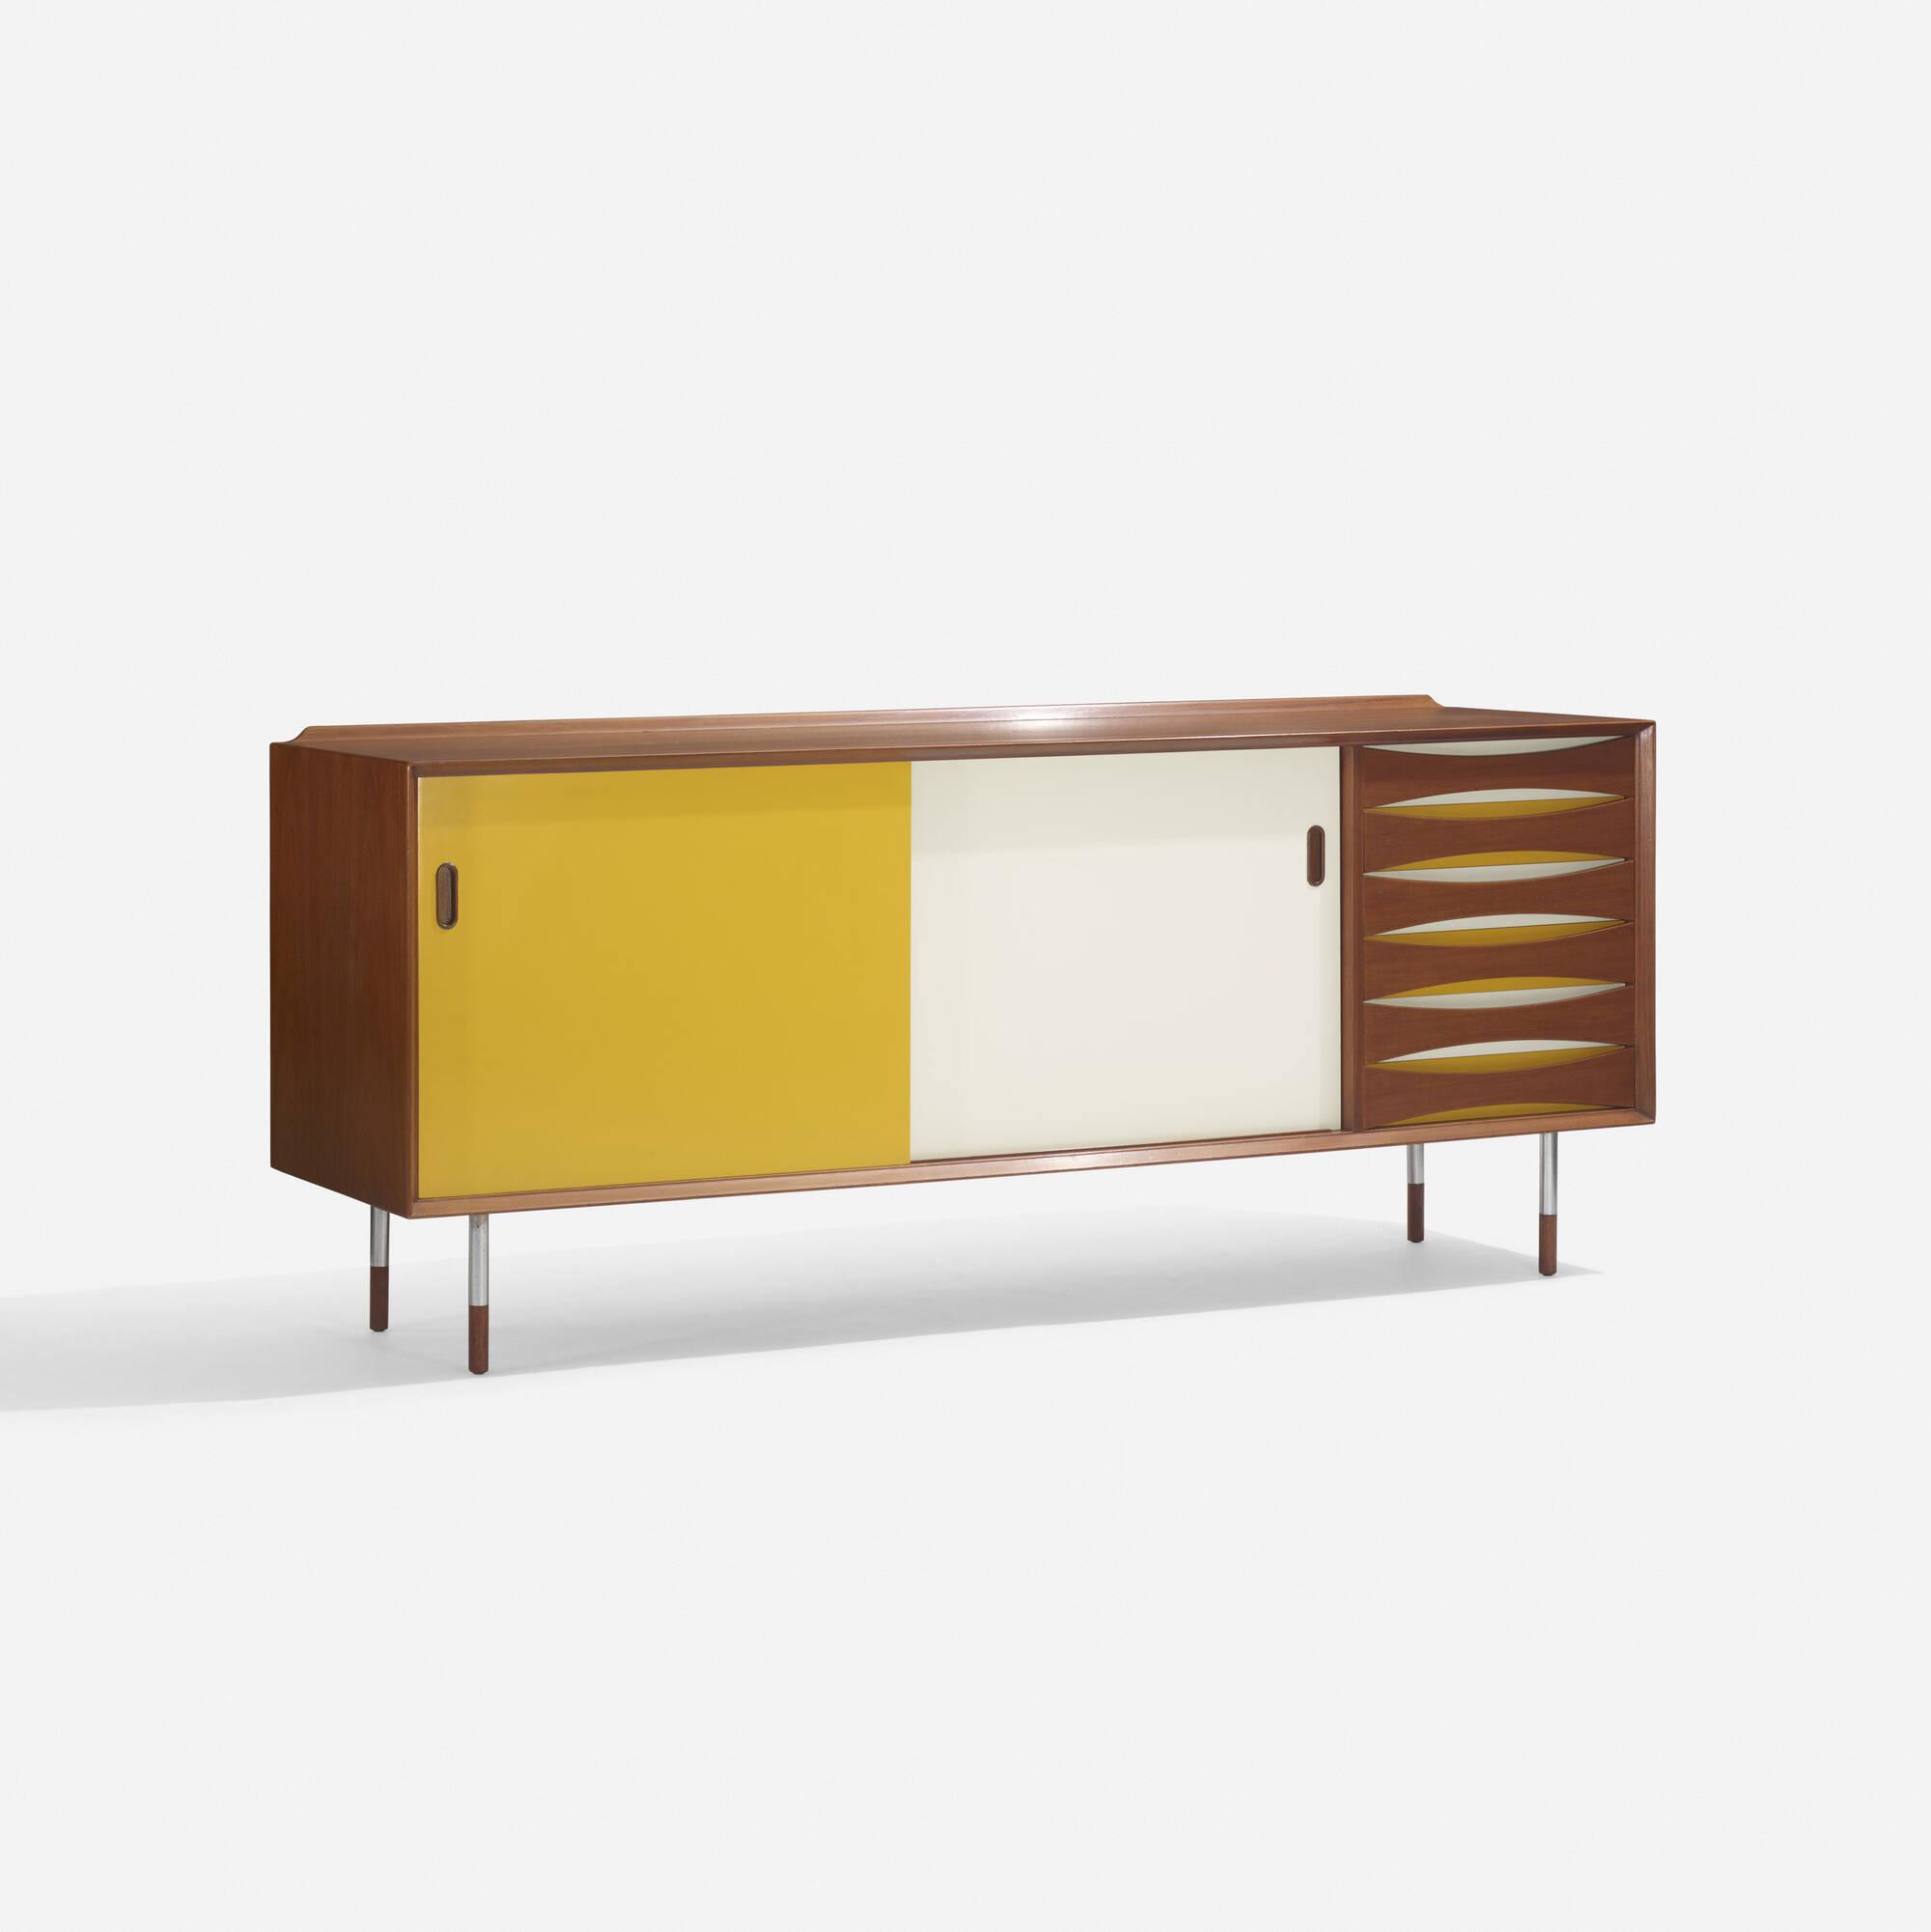 103: Arne Vodder / cabinet (2 of 4)